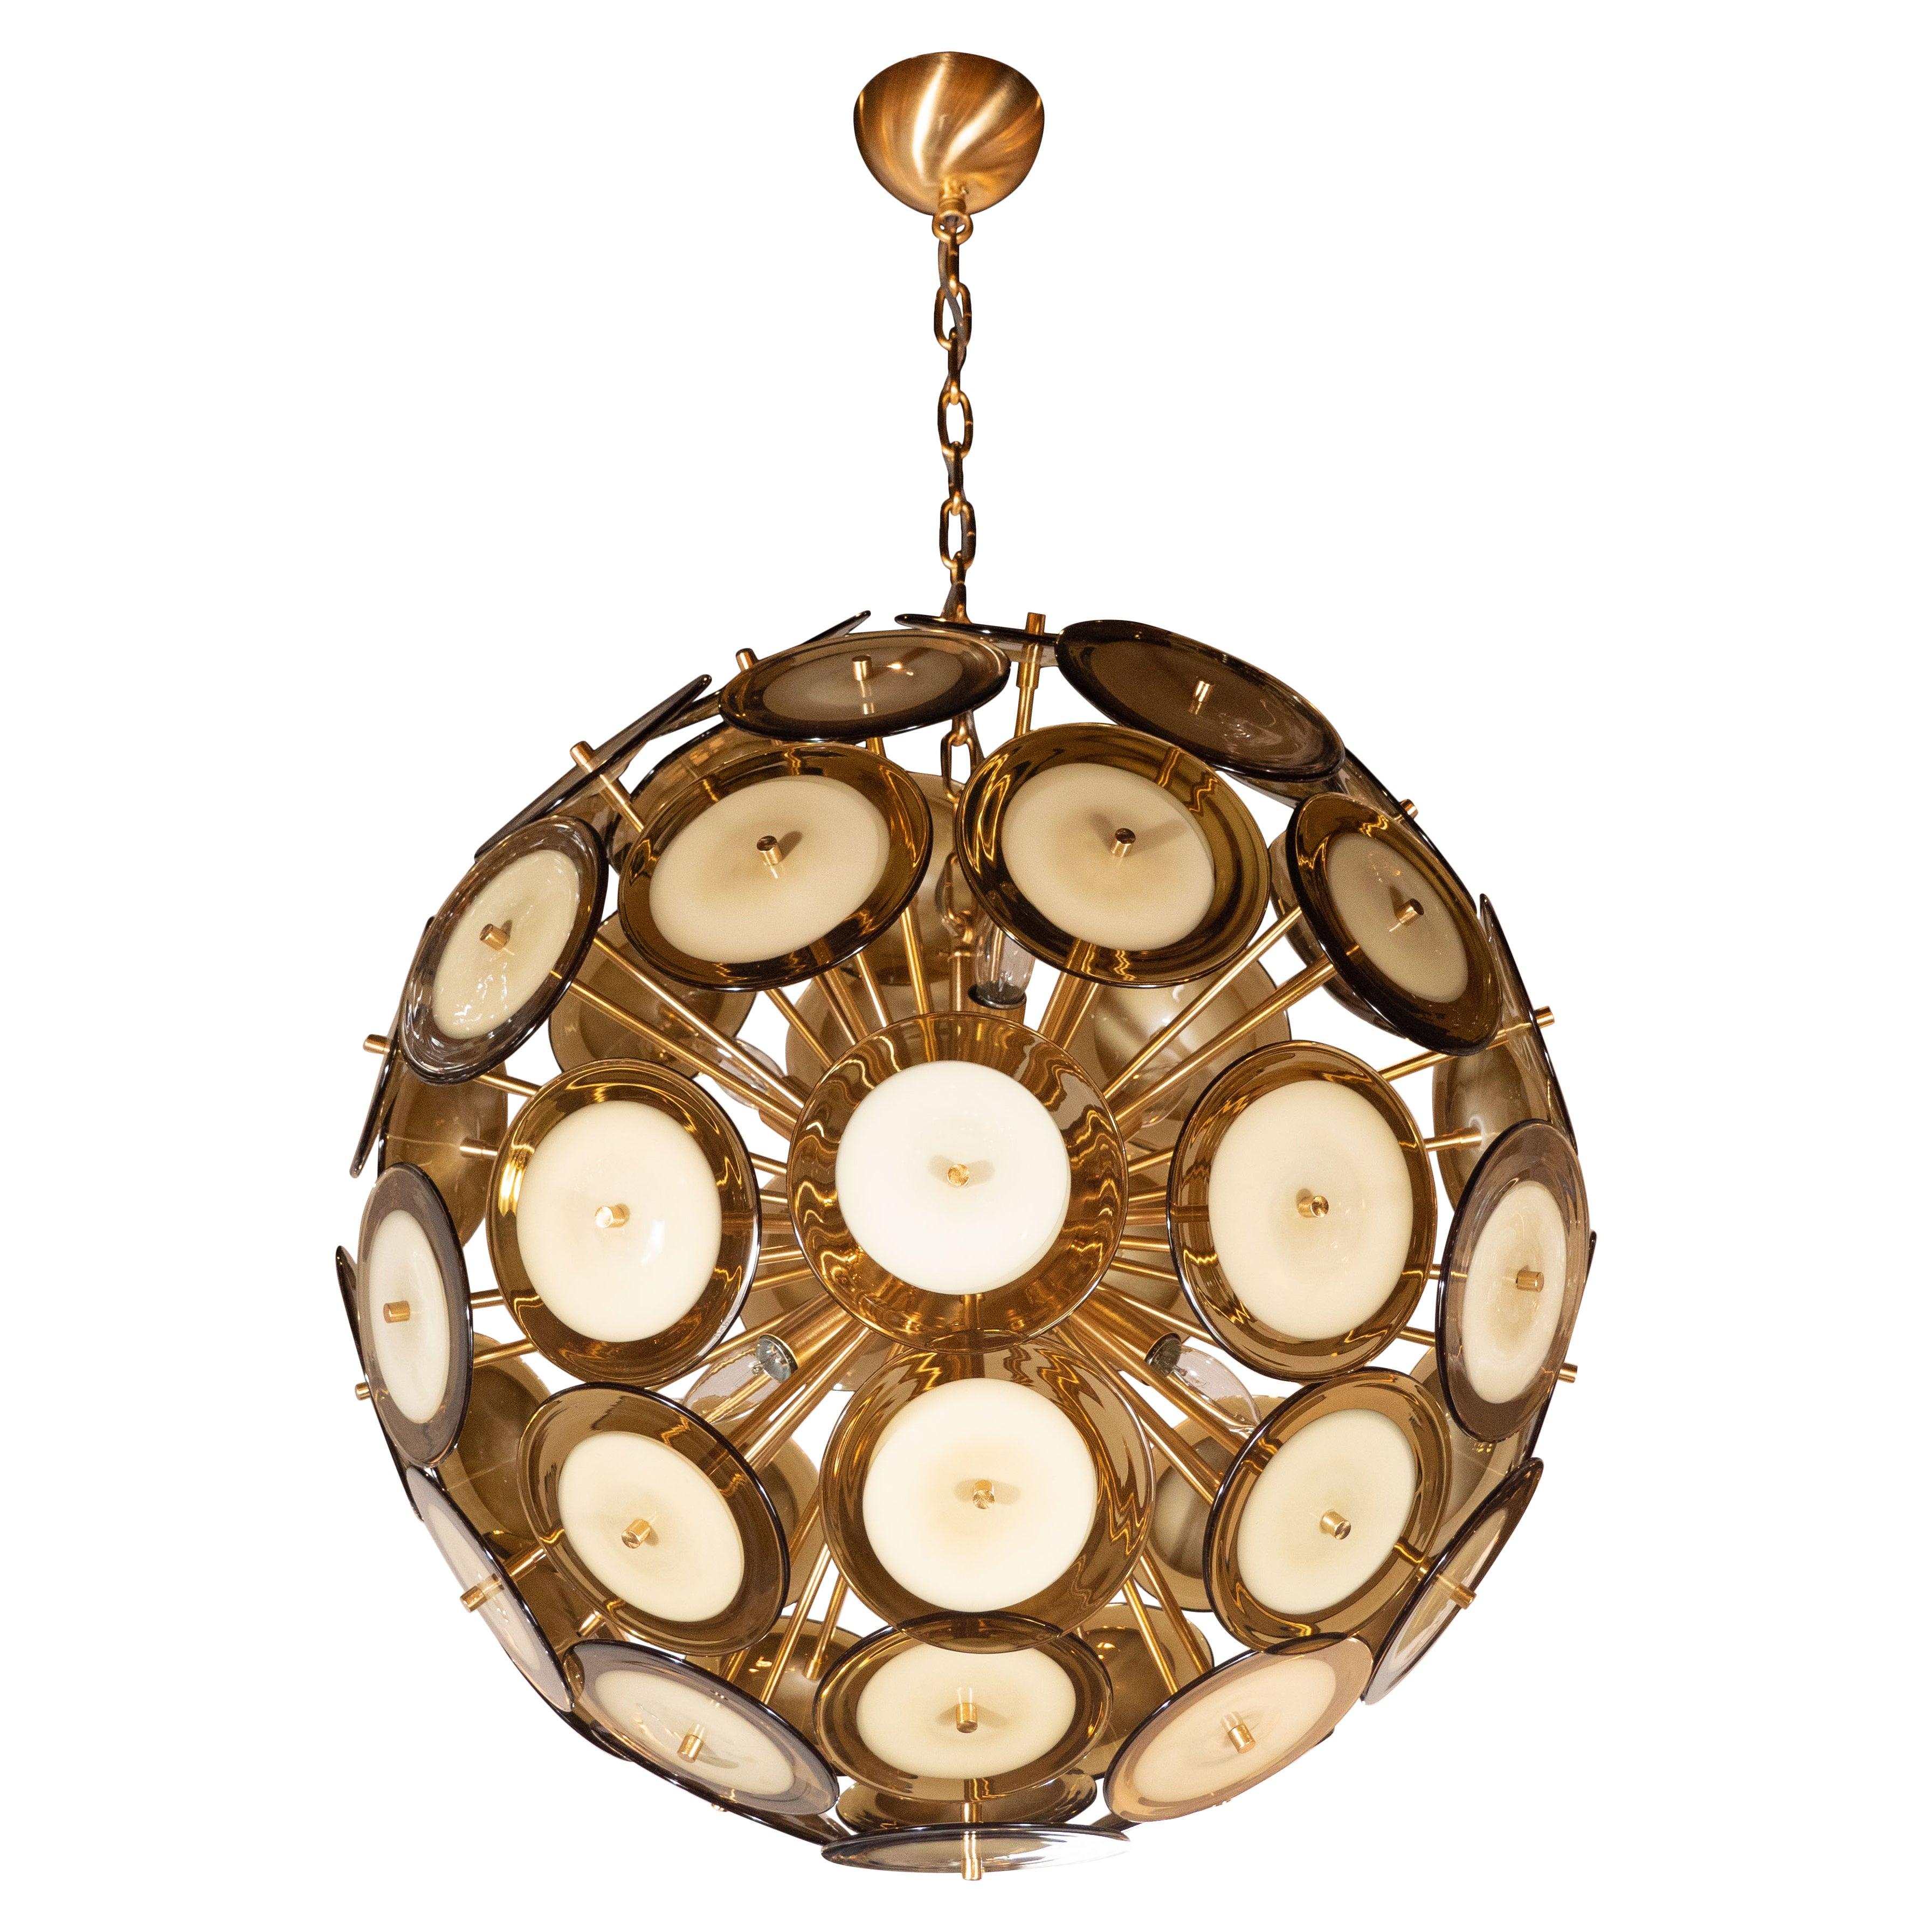 Modernist Polished Brass Vistosi Chandelier with Handblown Murano Topaz Discs